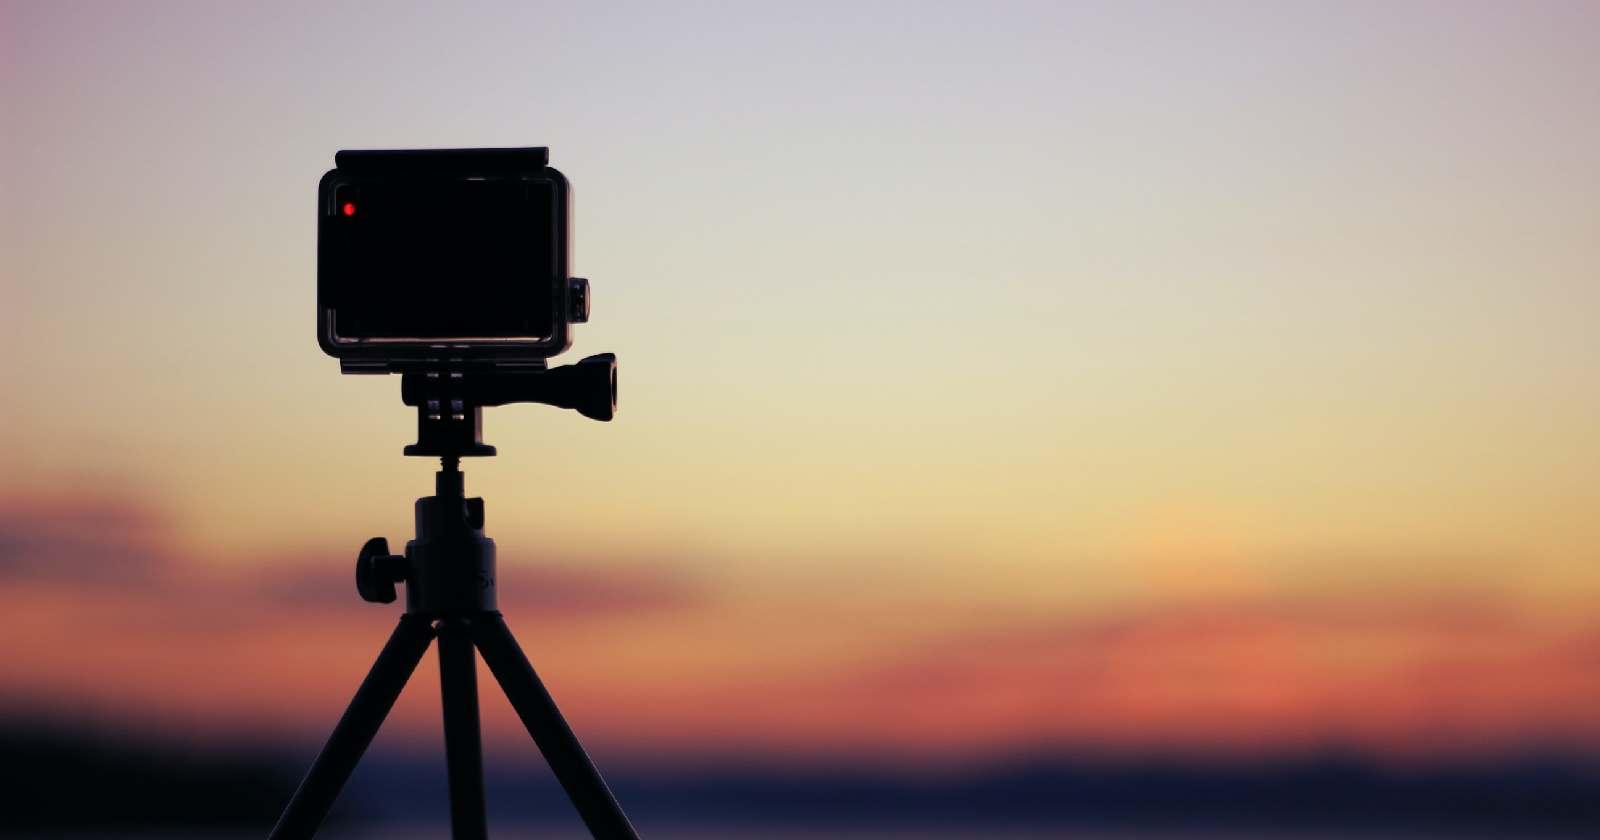 キャンプの思い出を動画に残そう!おすすめアクションカメラ10選